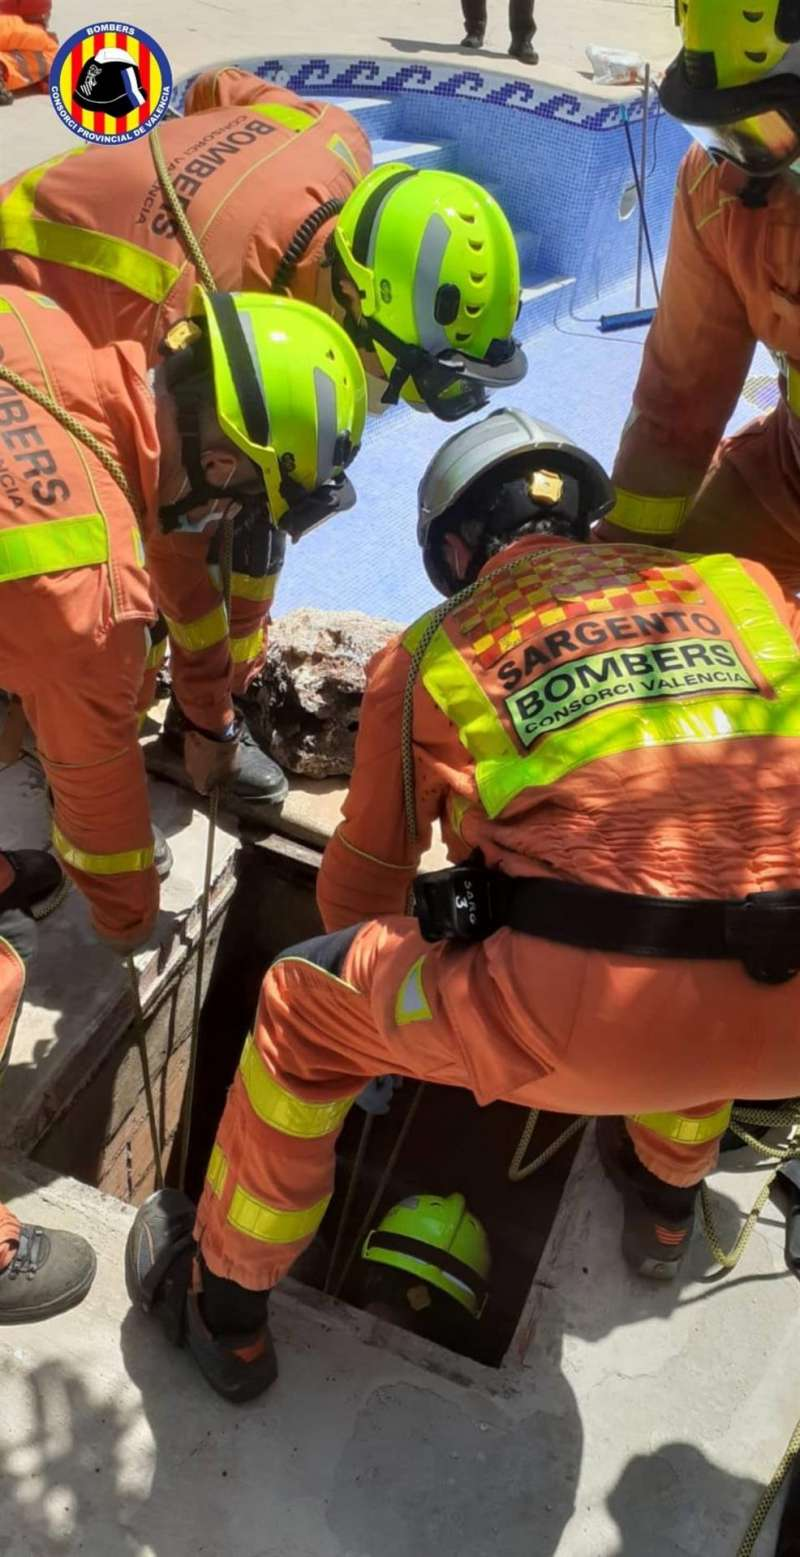 Imagen del rescate facilitada por el Consorcio de Bomberos de Valencia